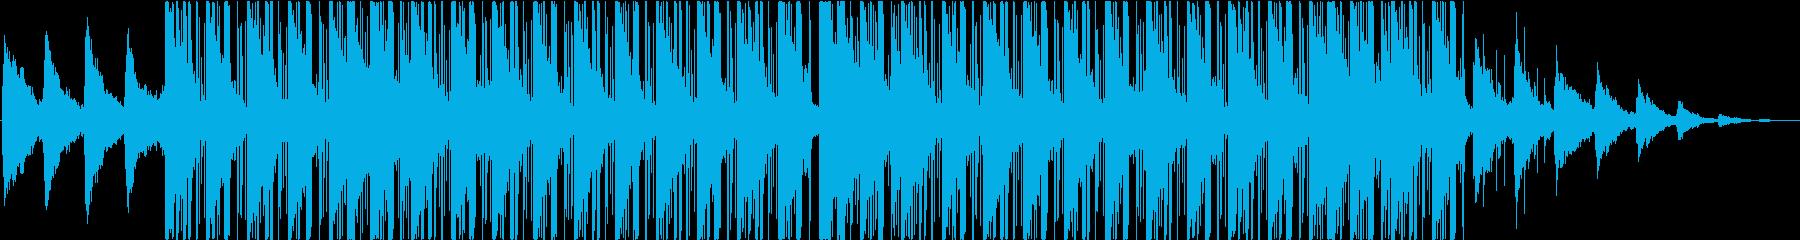 ラウンジ、ヒップホップ、チルアウトの再生済みの波形